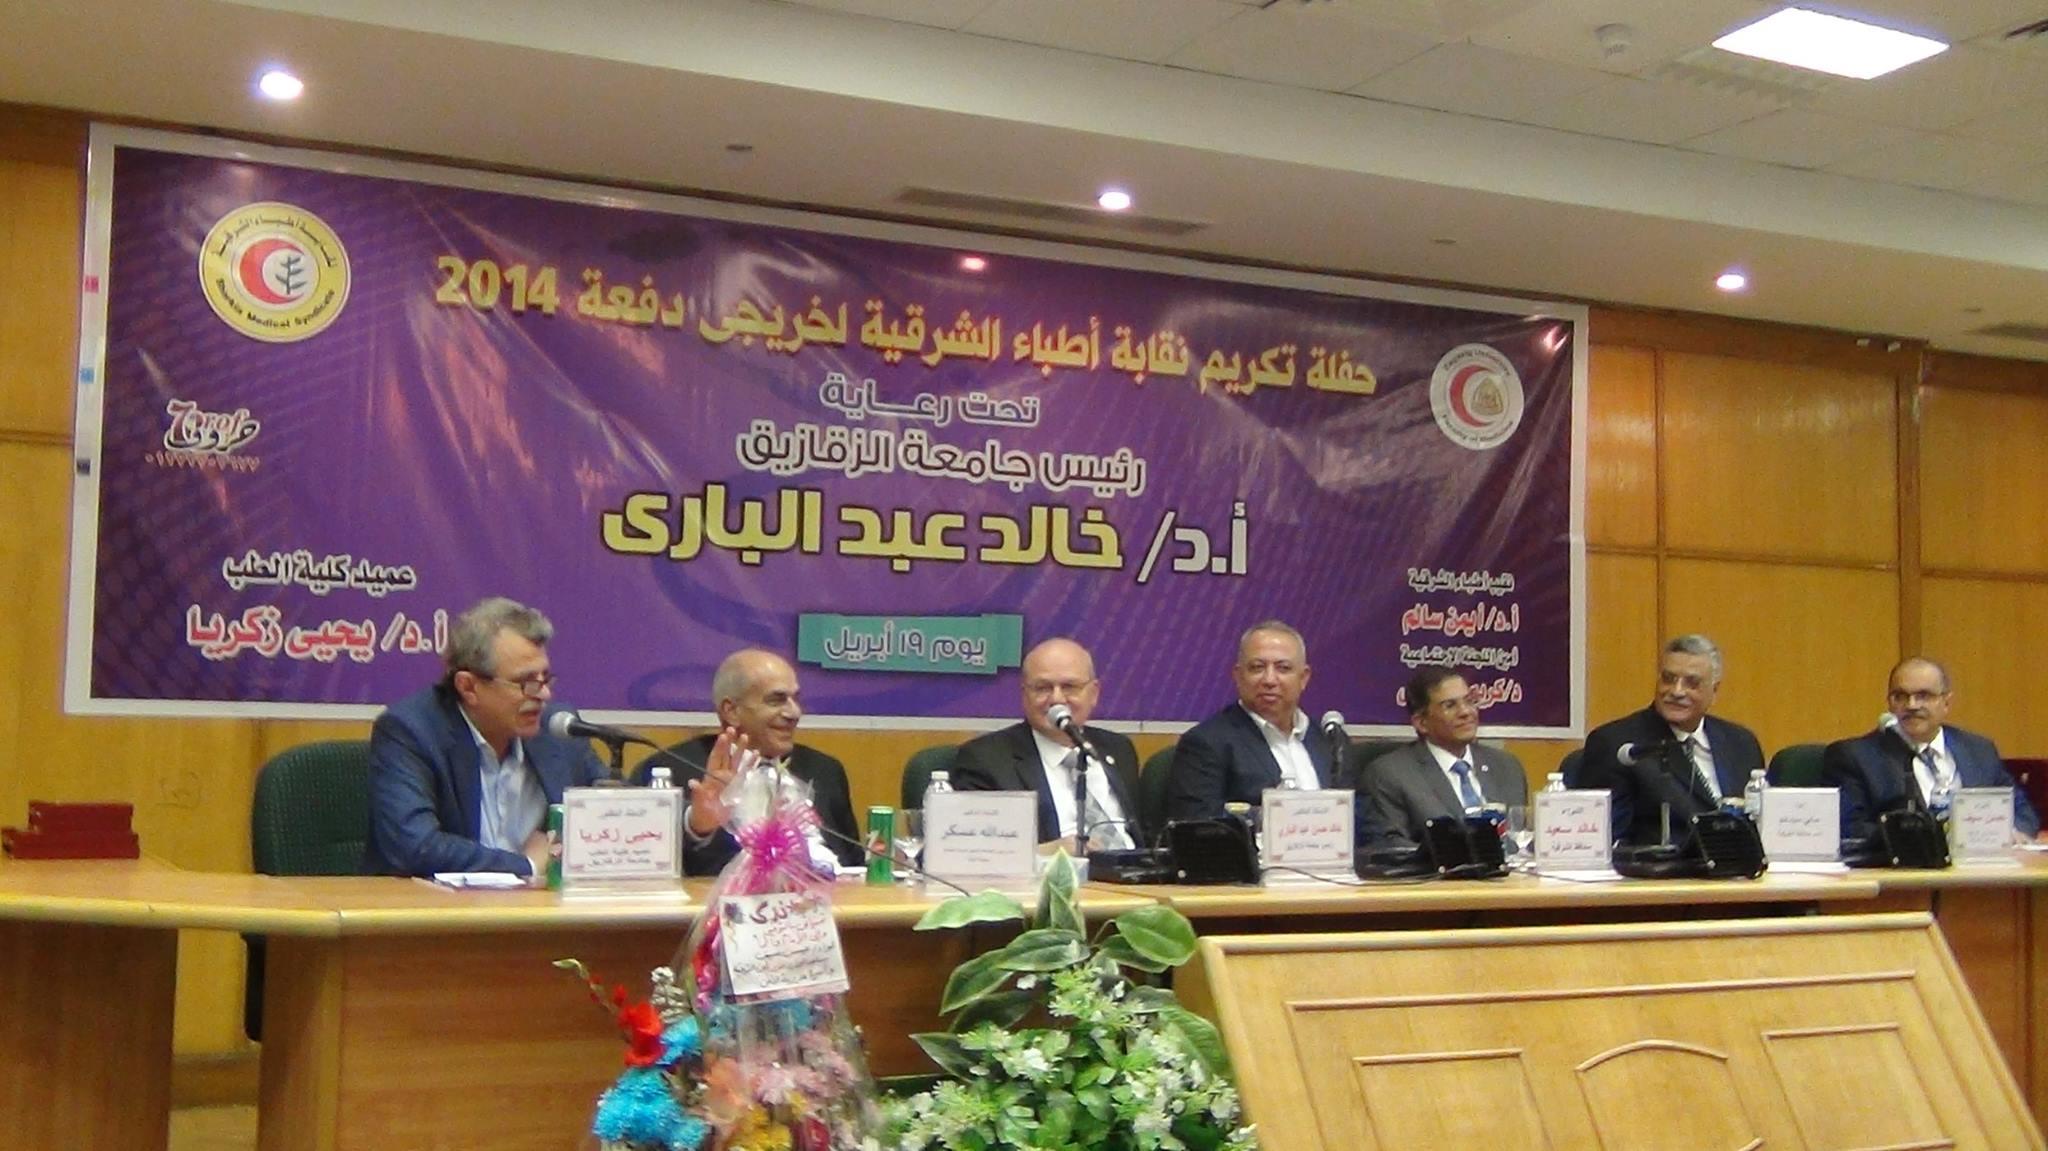 honoring ceremony of 2014